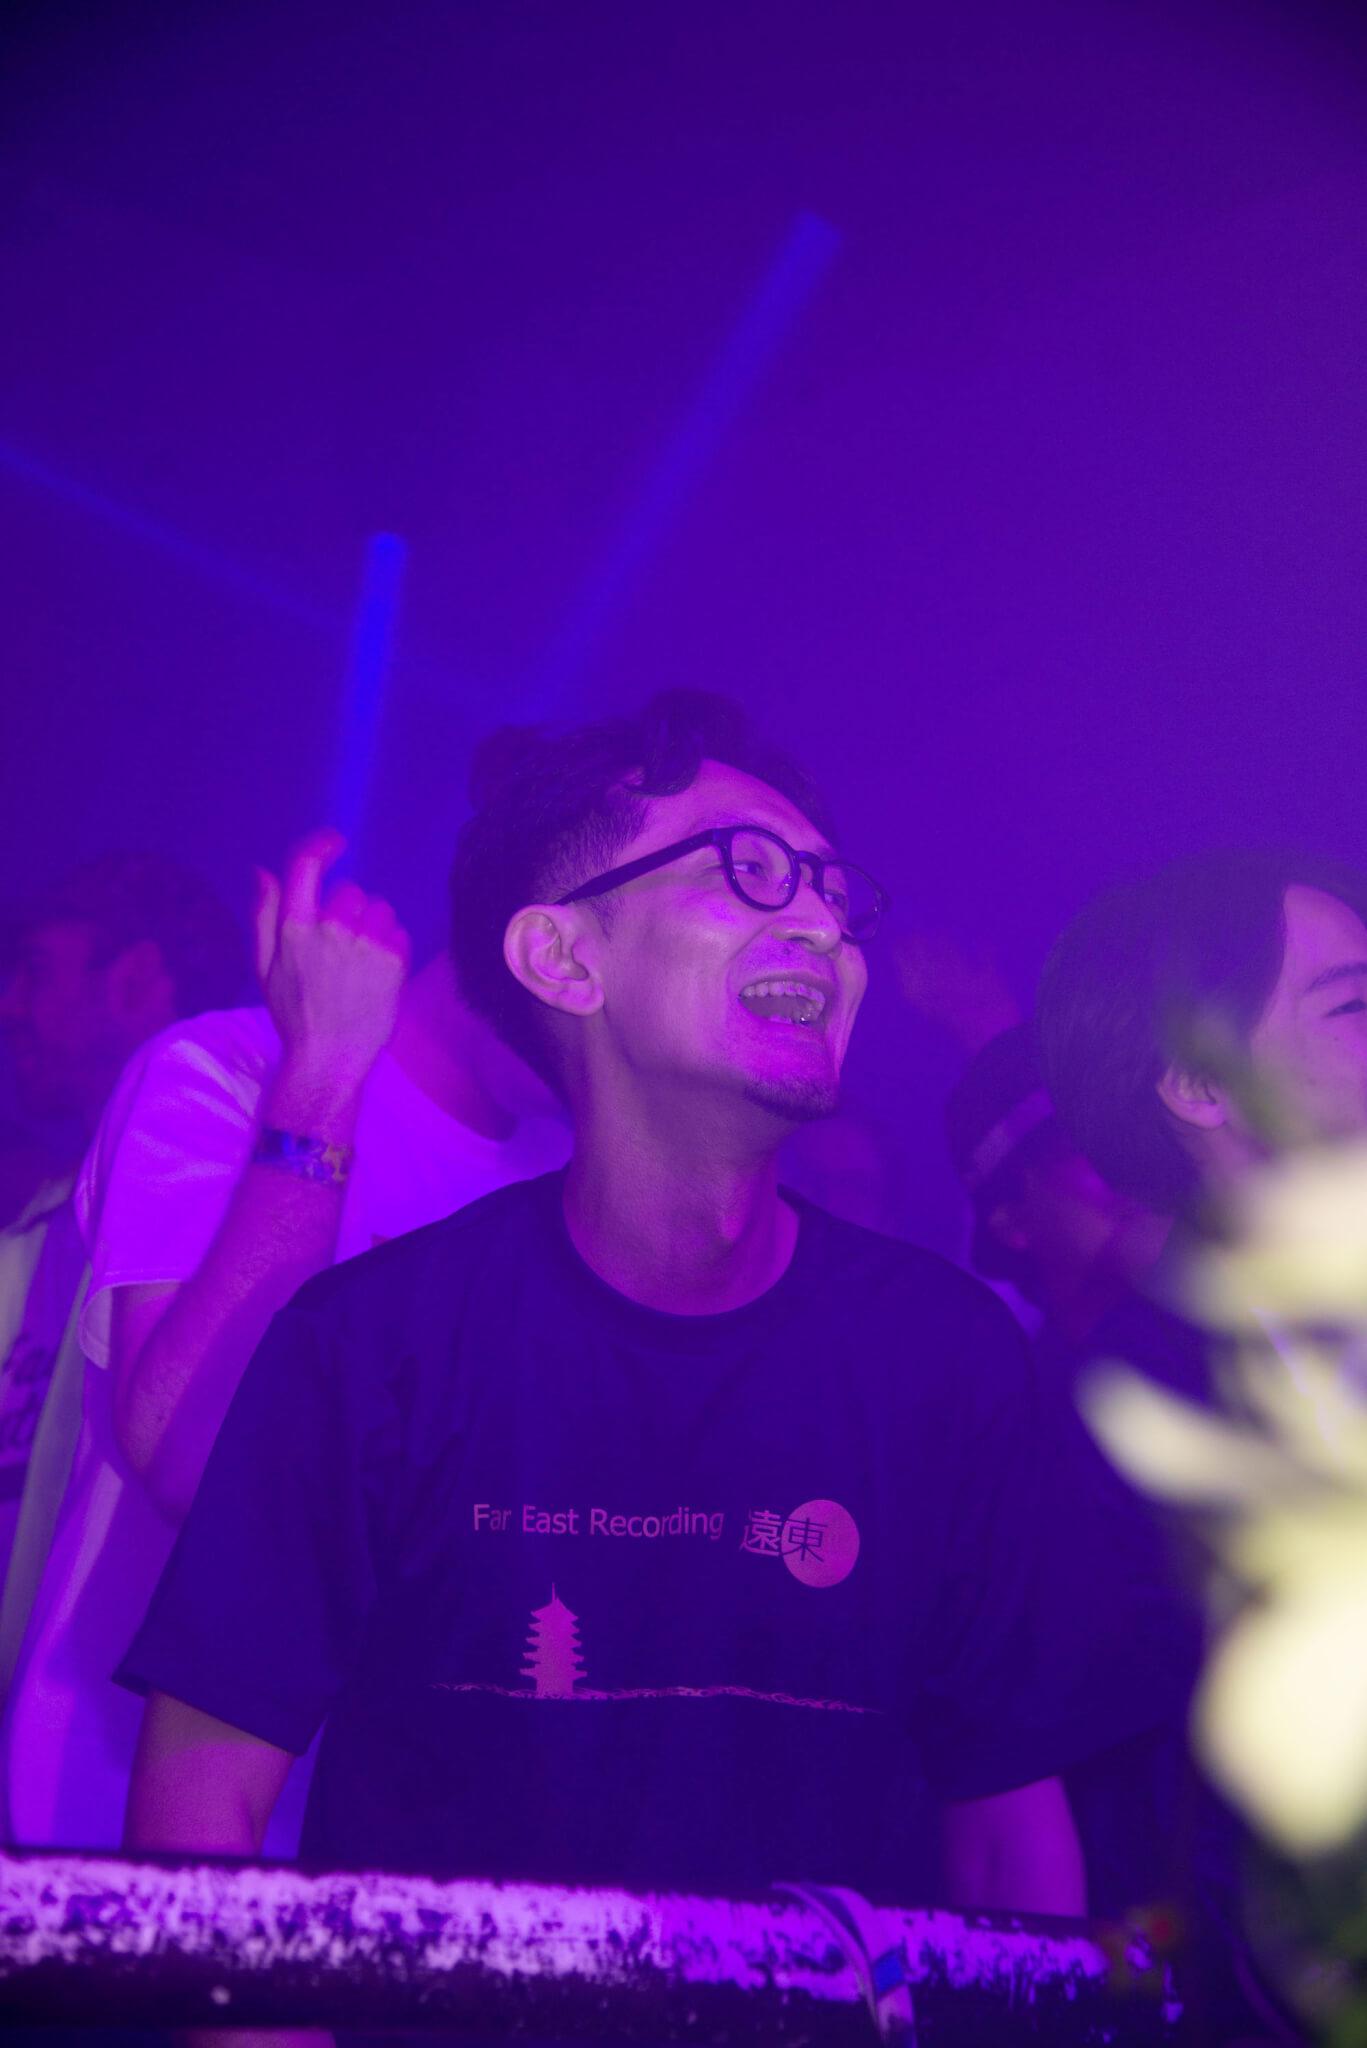 【イベントレポ】KEWL|Soichi Terada × Shinichiro Yokotaが生み出した魔法の景色 music18-kewl-soichi-terada-shinichiro-yokota-11